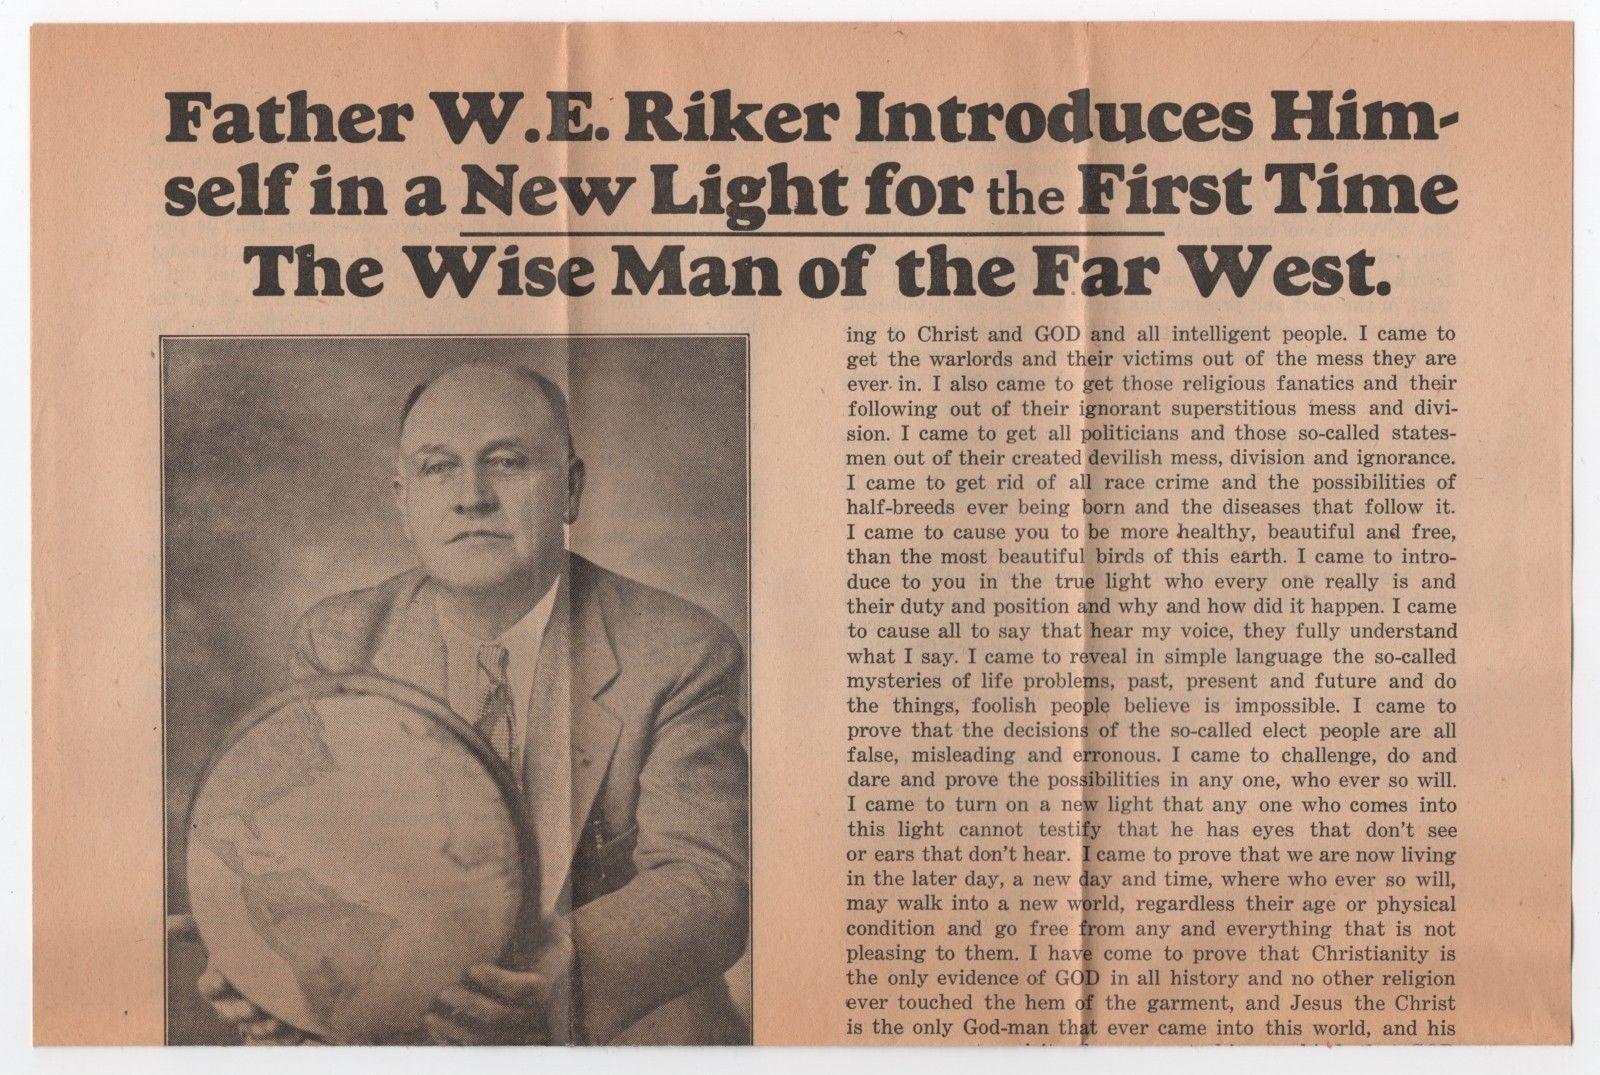 William E. Riker